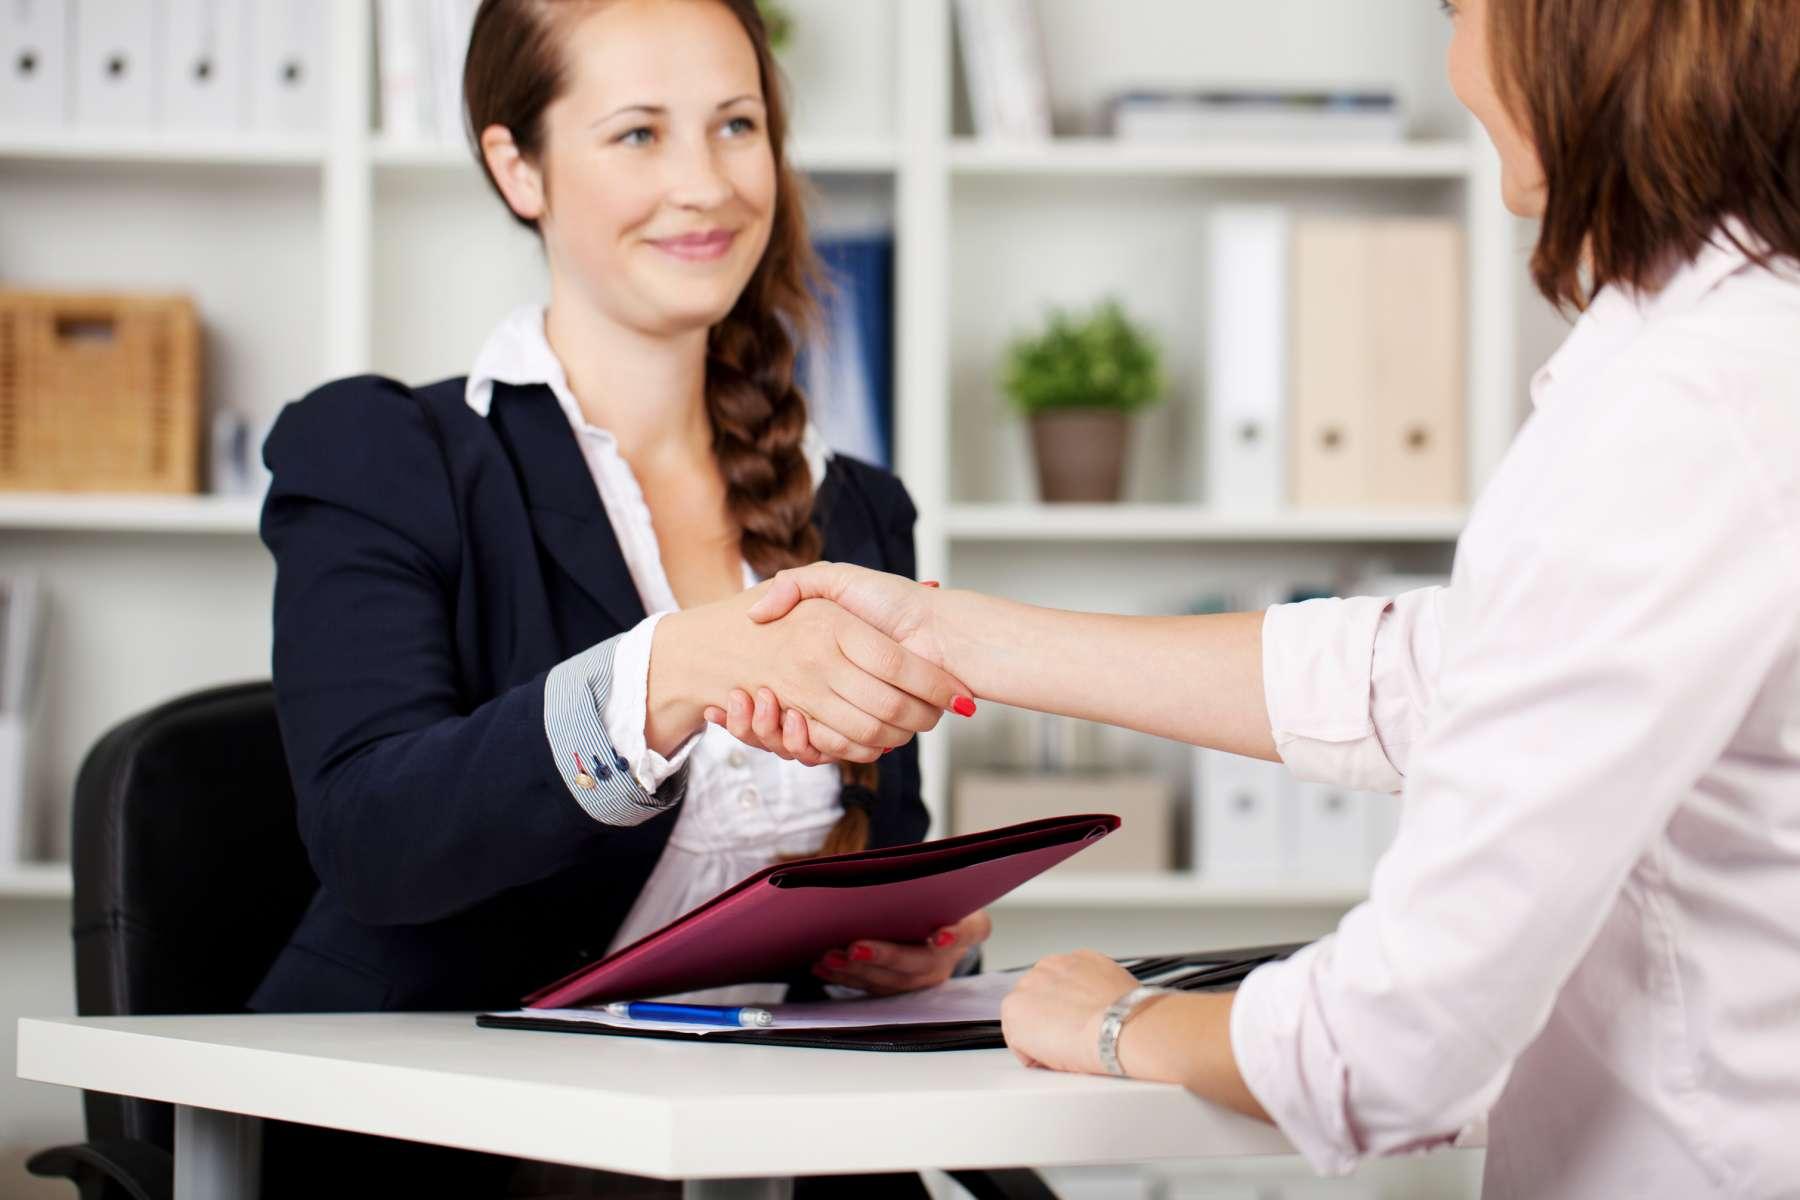 Aide à la Promotion de l'Emploi : Un soutien à l'emploi wallon enfin clarifié